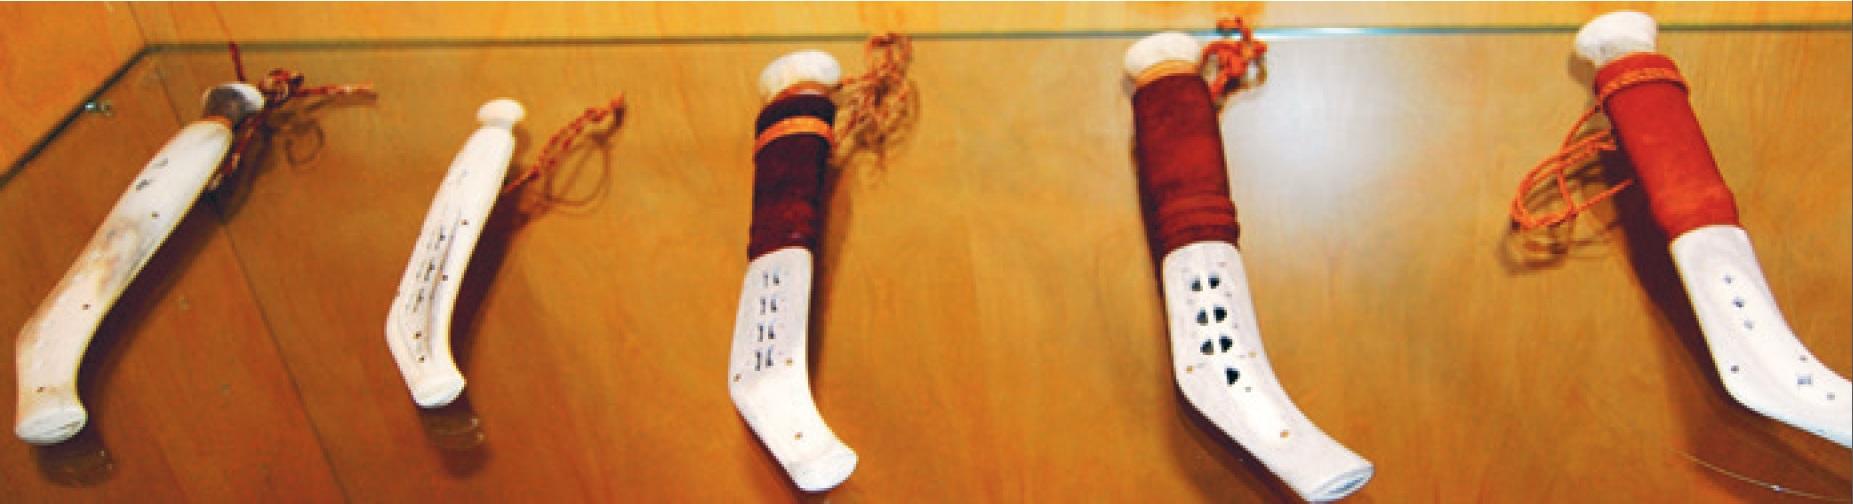 Niibbit. Varianter av kniver med slirer av reingevir. Fra utstillingen Duodji 2012 ved Riddo Duottar Museat. Jon Ole Andersens duodji utstilt på Diehtosiida. Foto: Samisk arkiv / Sámi Arkiiva